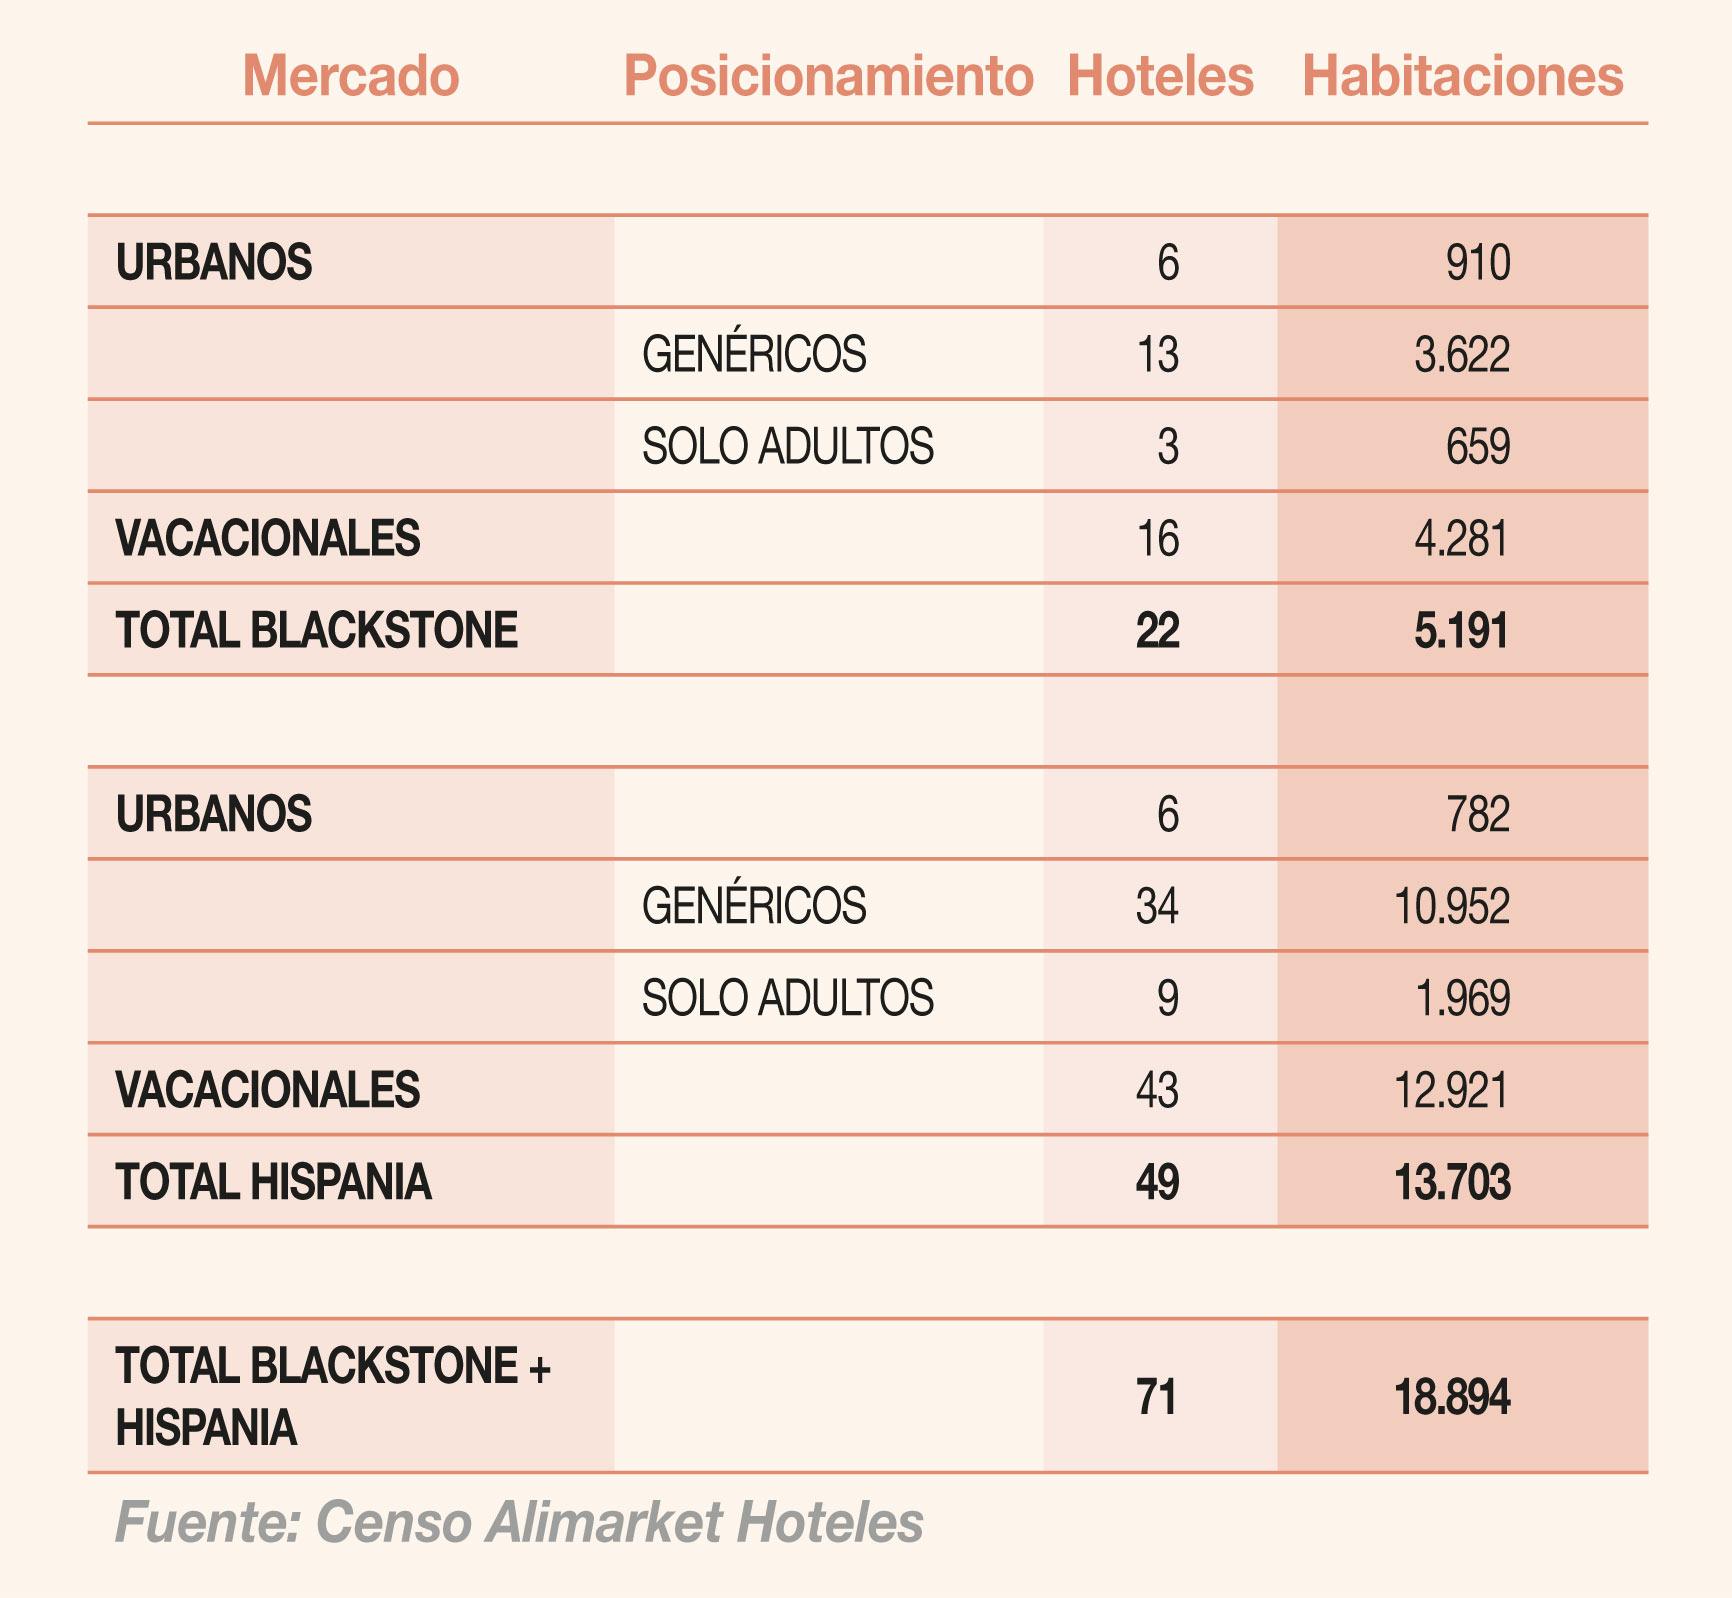 Reparto del portfolio de establecimientos turísticos de Blackstone e Hispania  por mercados